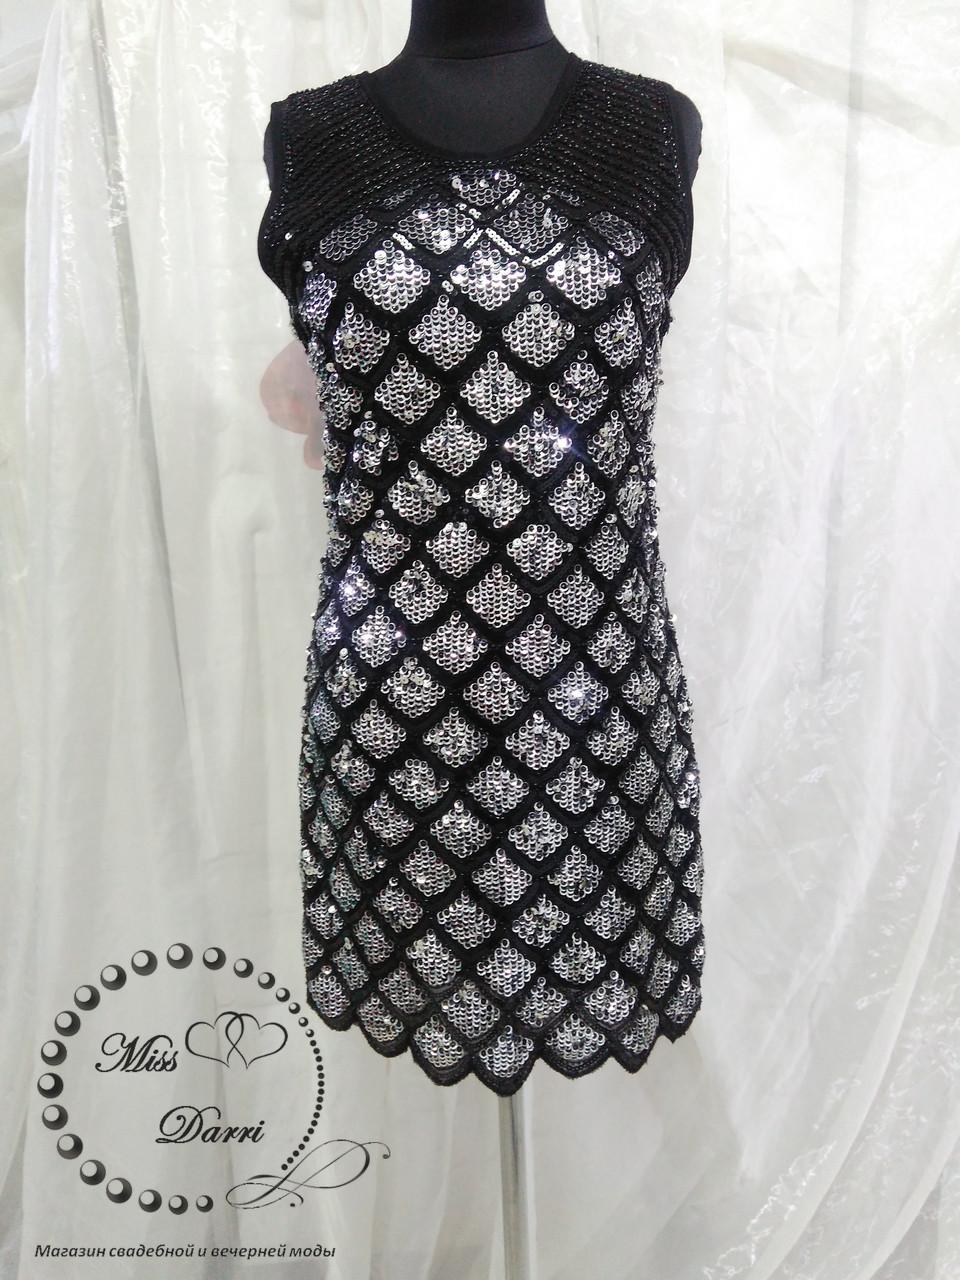 Нарядна сукня з паєтками чорна зі сріблом